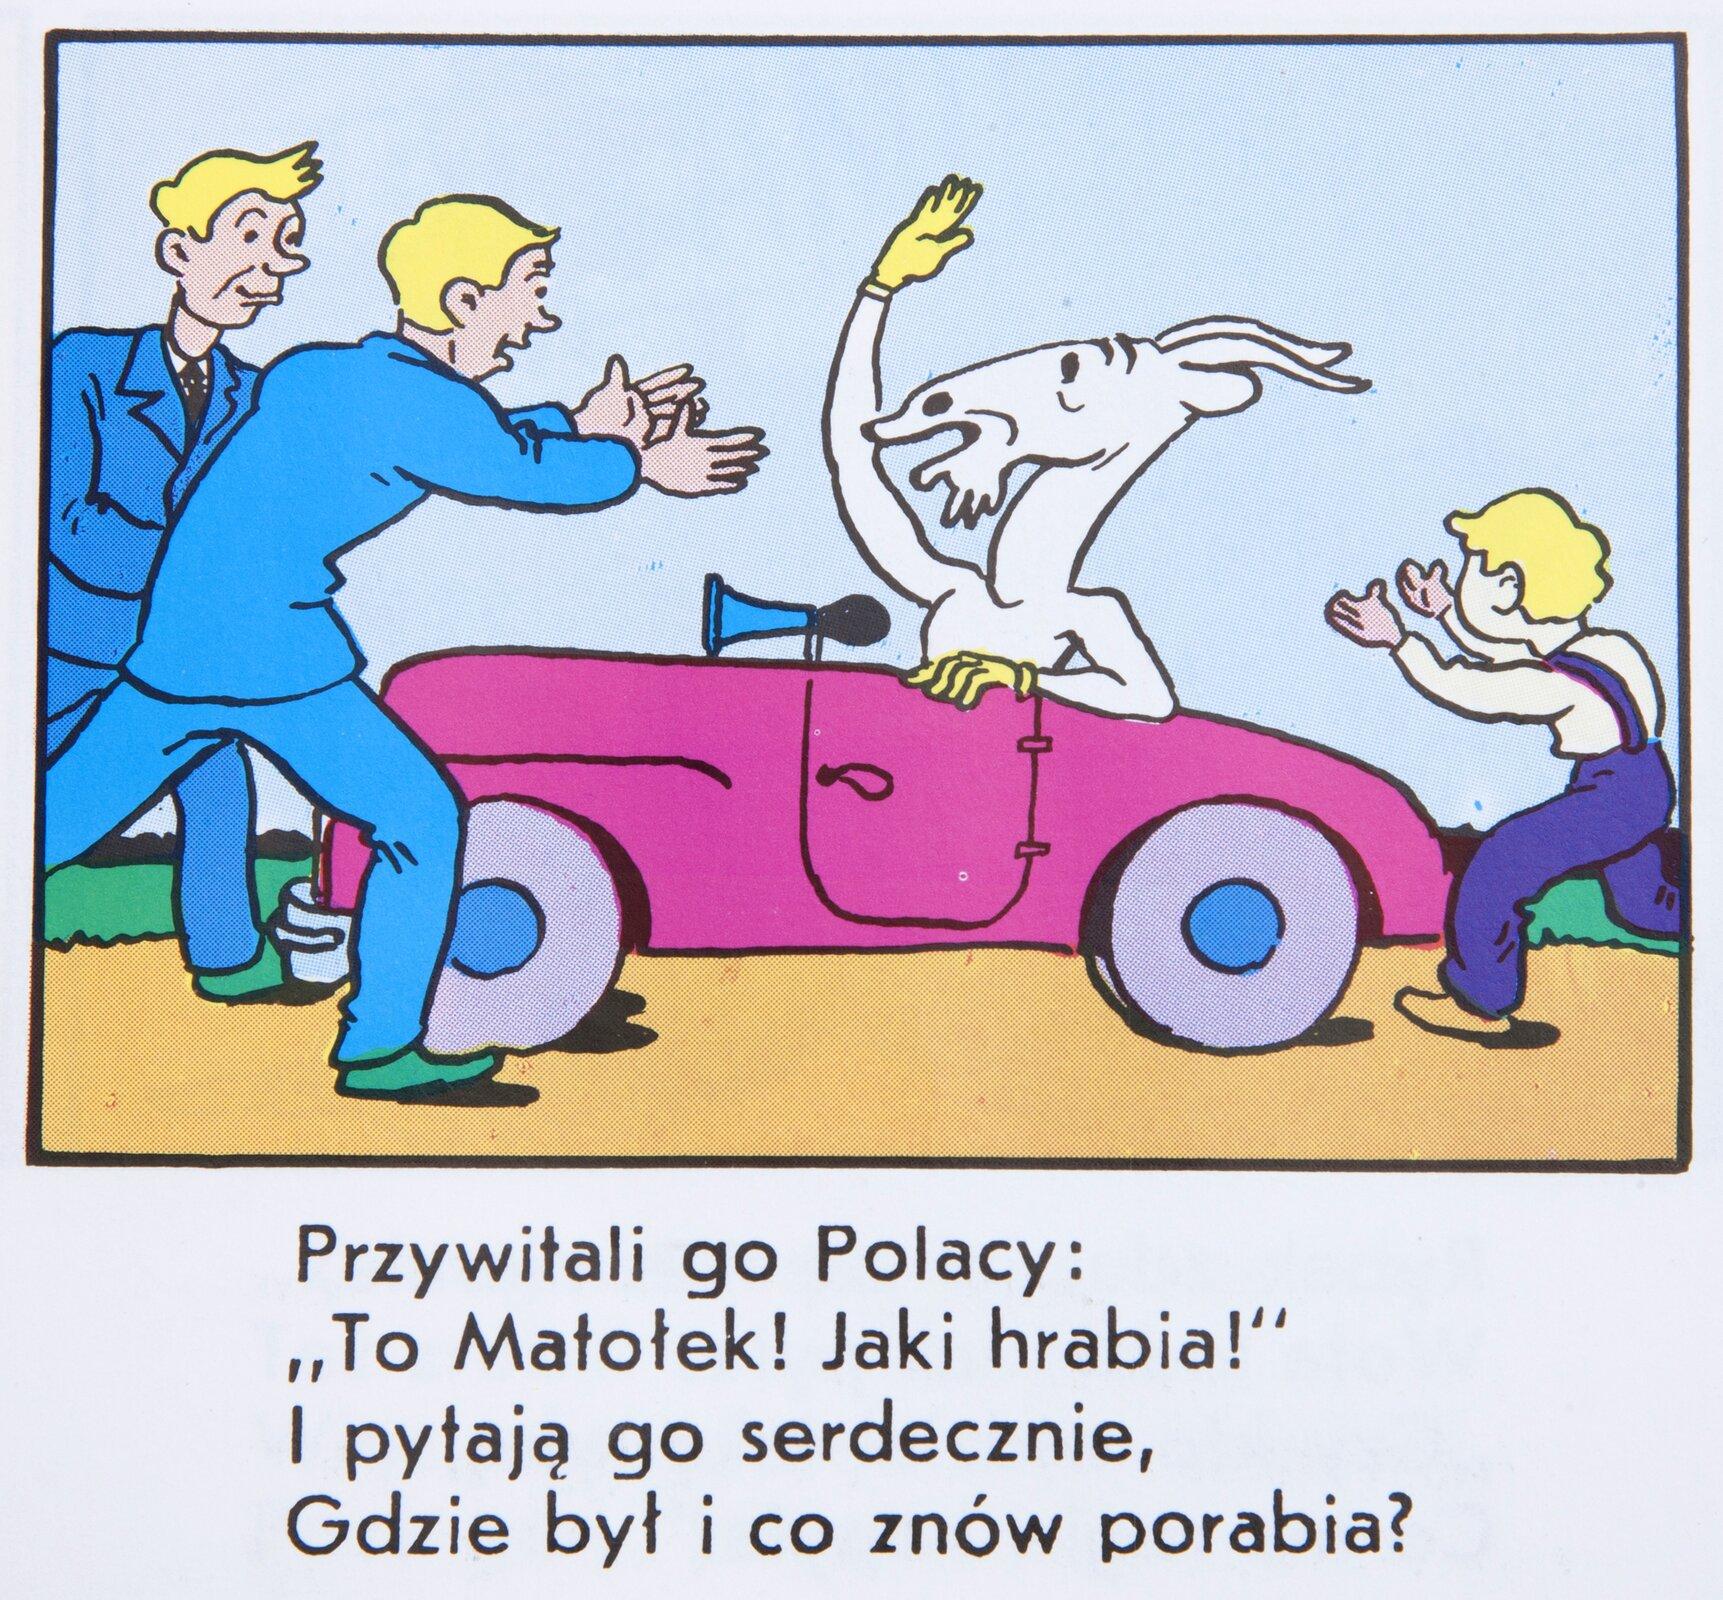 """Ilustracja przedstawia fragment komiksu  """"Koziołek Matołek"""". Koziołek znajduje się wróżowym samochodzie. Przed samochodem, wkierunku Koziołka Matołka podąża dwóch mężczyzn wniebieskich garniturach. Jeden ma wyciągnięte ręce na powitanie. Ztyłu auta widać także biegnącego chłopca wstronę Koziołka. Poniżej ilustracji umieszczony jest tekst: """"PRZYWITALI GO POLACY: """"TO MATOŁEK! JAKI HRABIA!"""" IPYTAJĄ GO SERDECZNIE, GDZIE BYŁ ICO ZNÓW PORABIA?"""""""